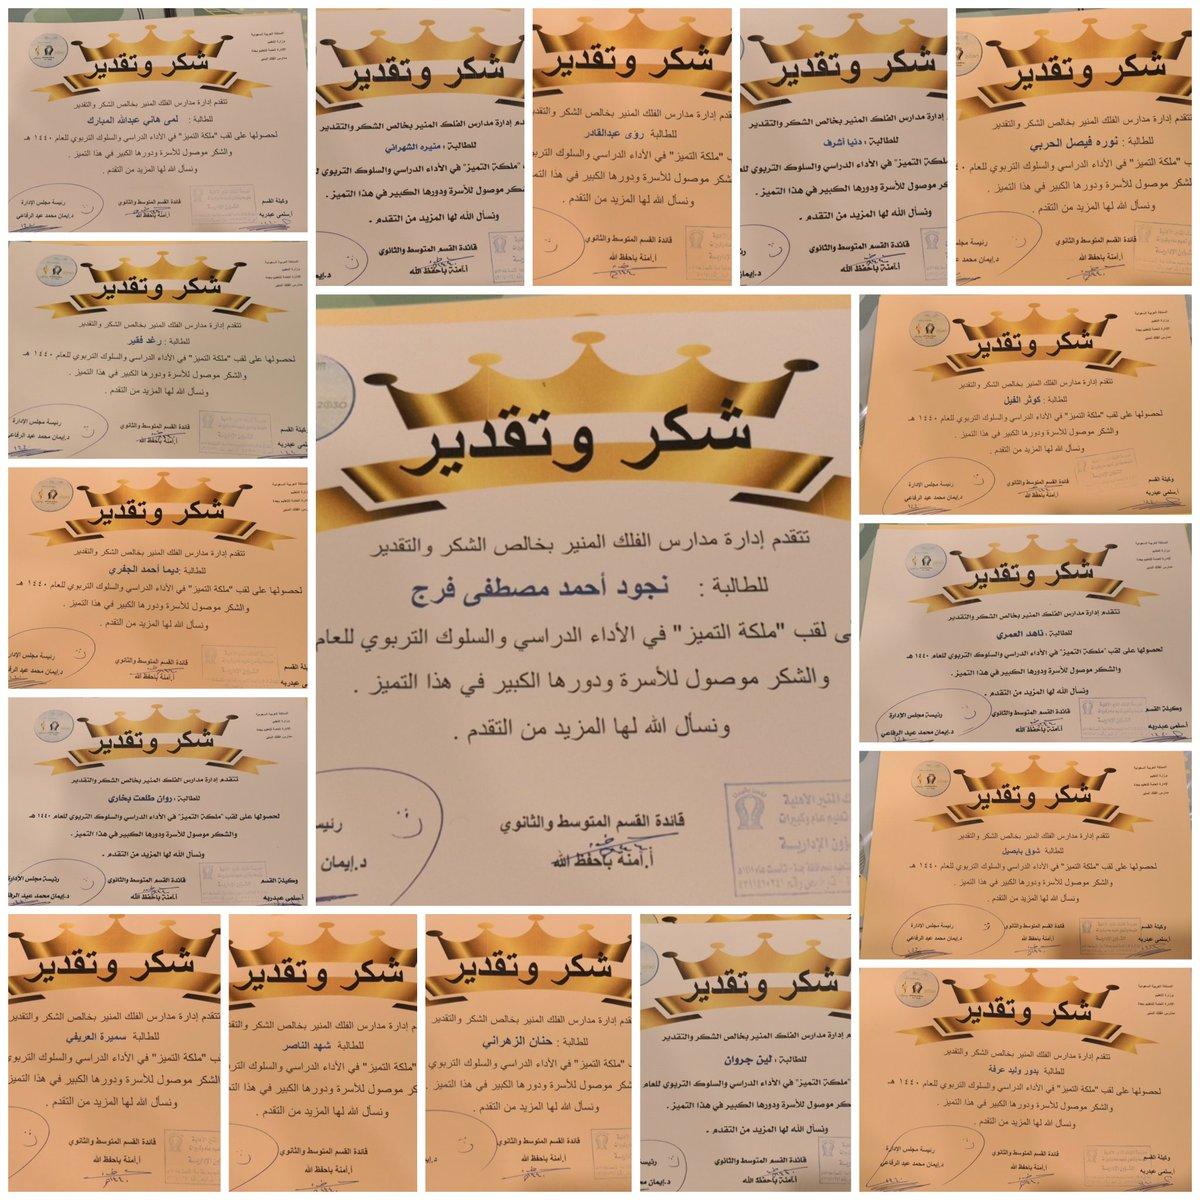 تكريم طالبات المرحلتين (المتوسط والثانوي)